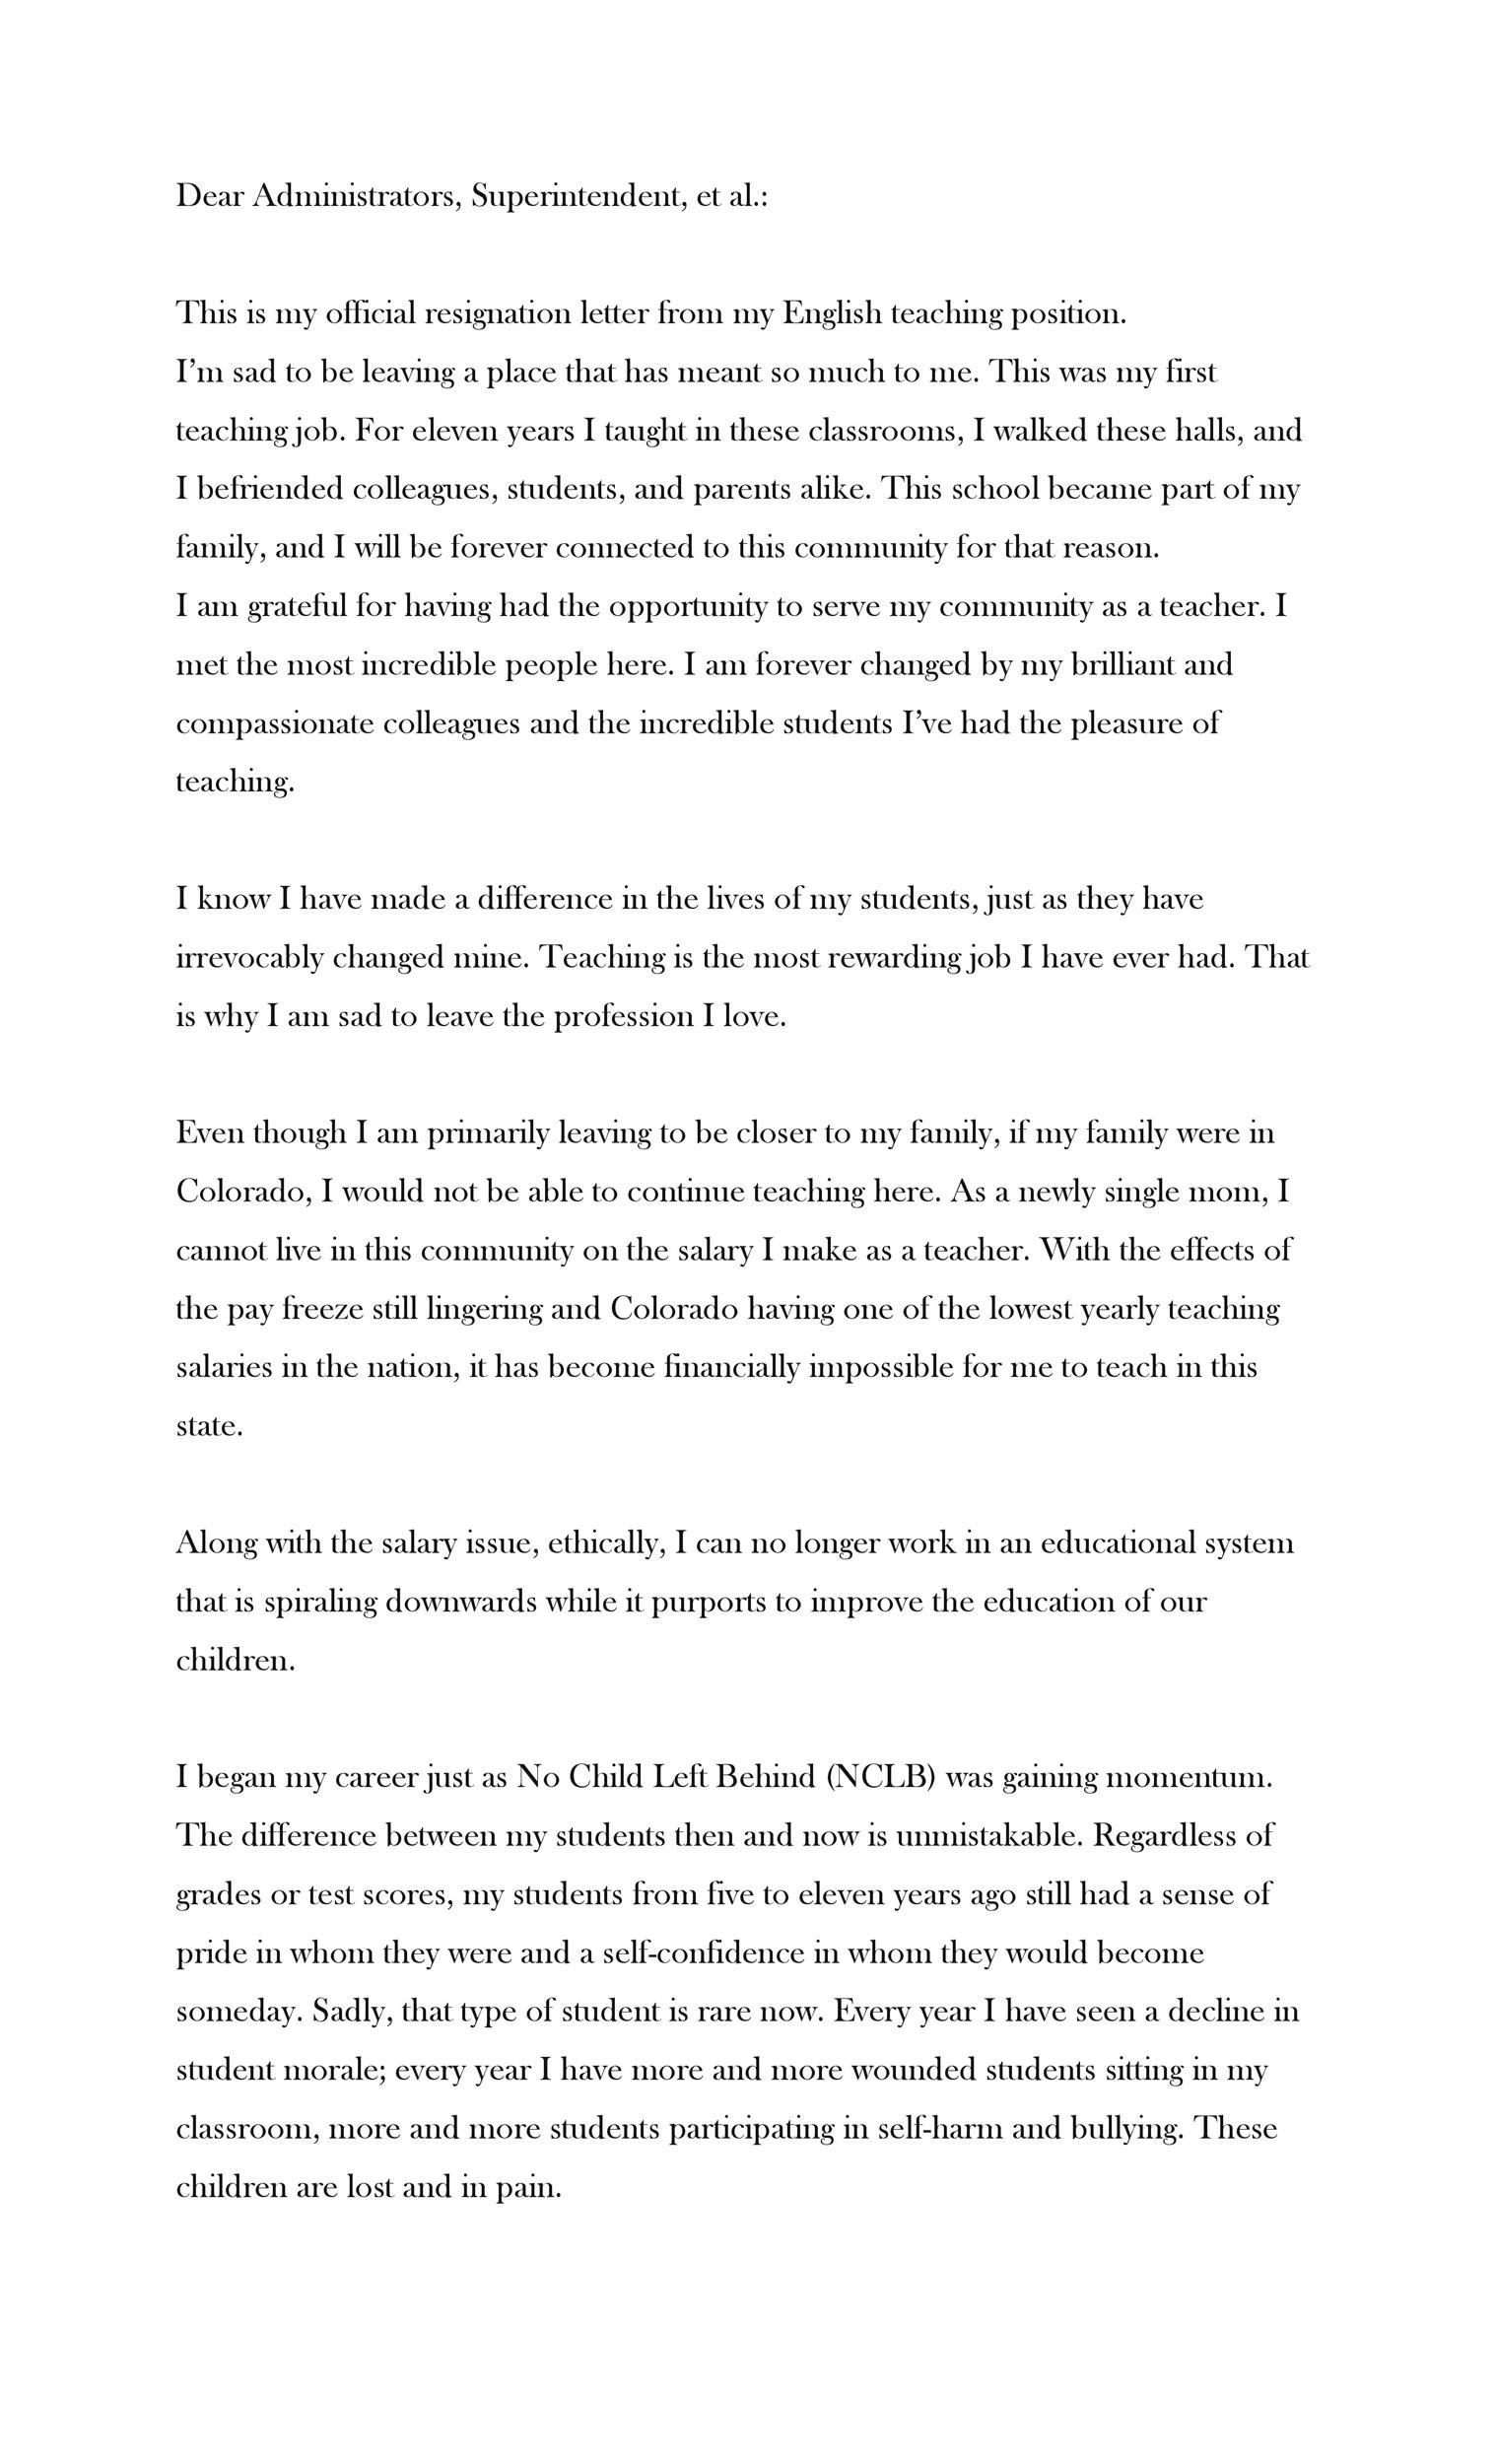 Free teacher resignation letter 19